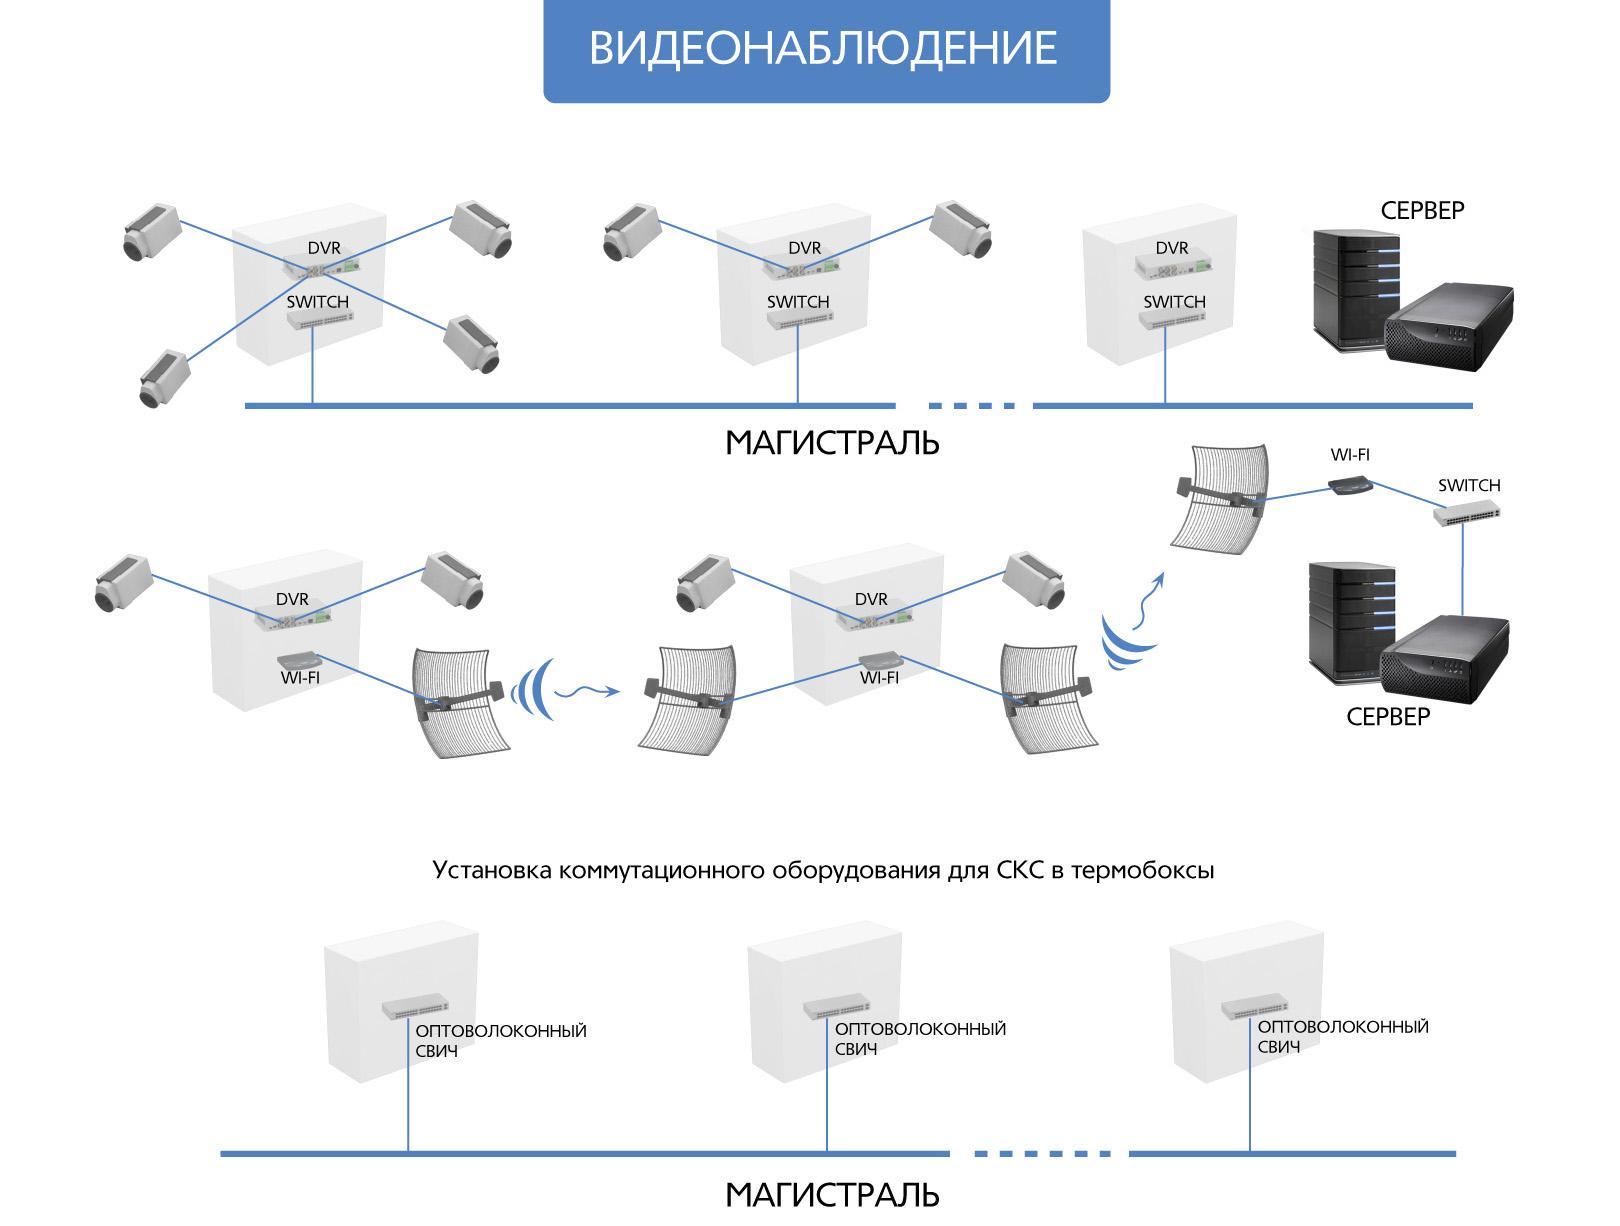 Беспроводное видеонаблюдение на базе IP видеосерверов TRASSIR.